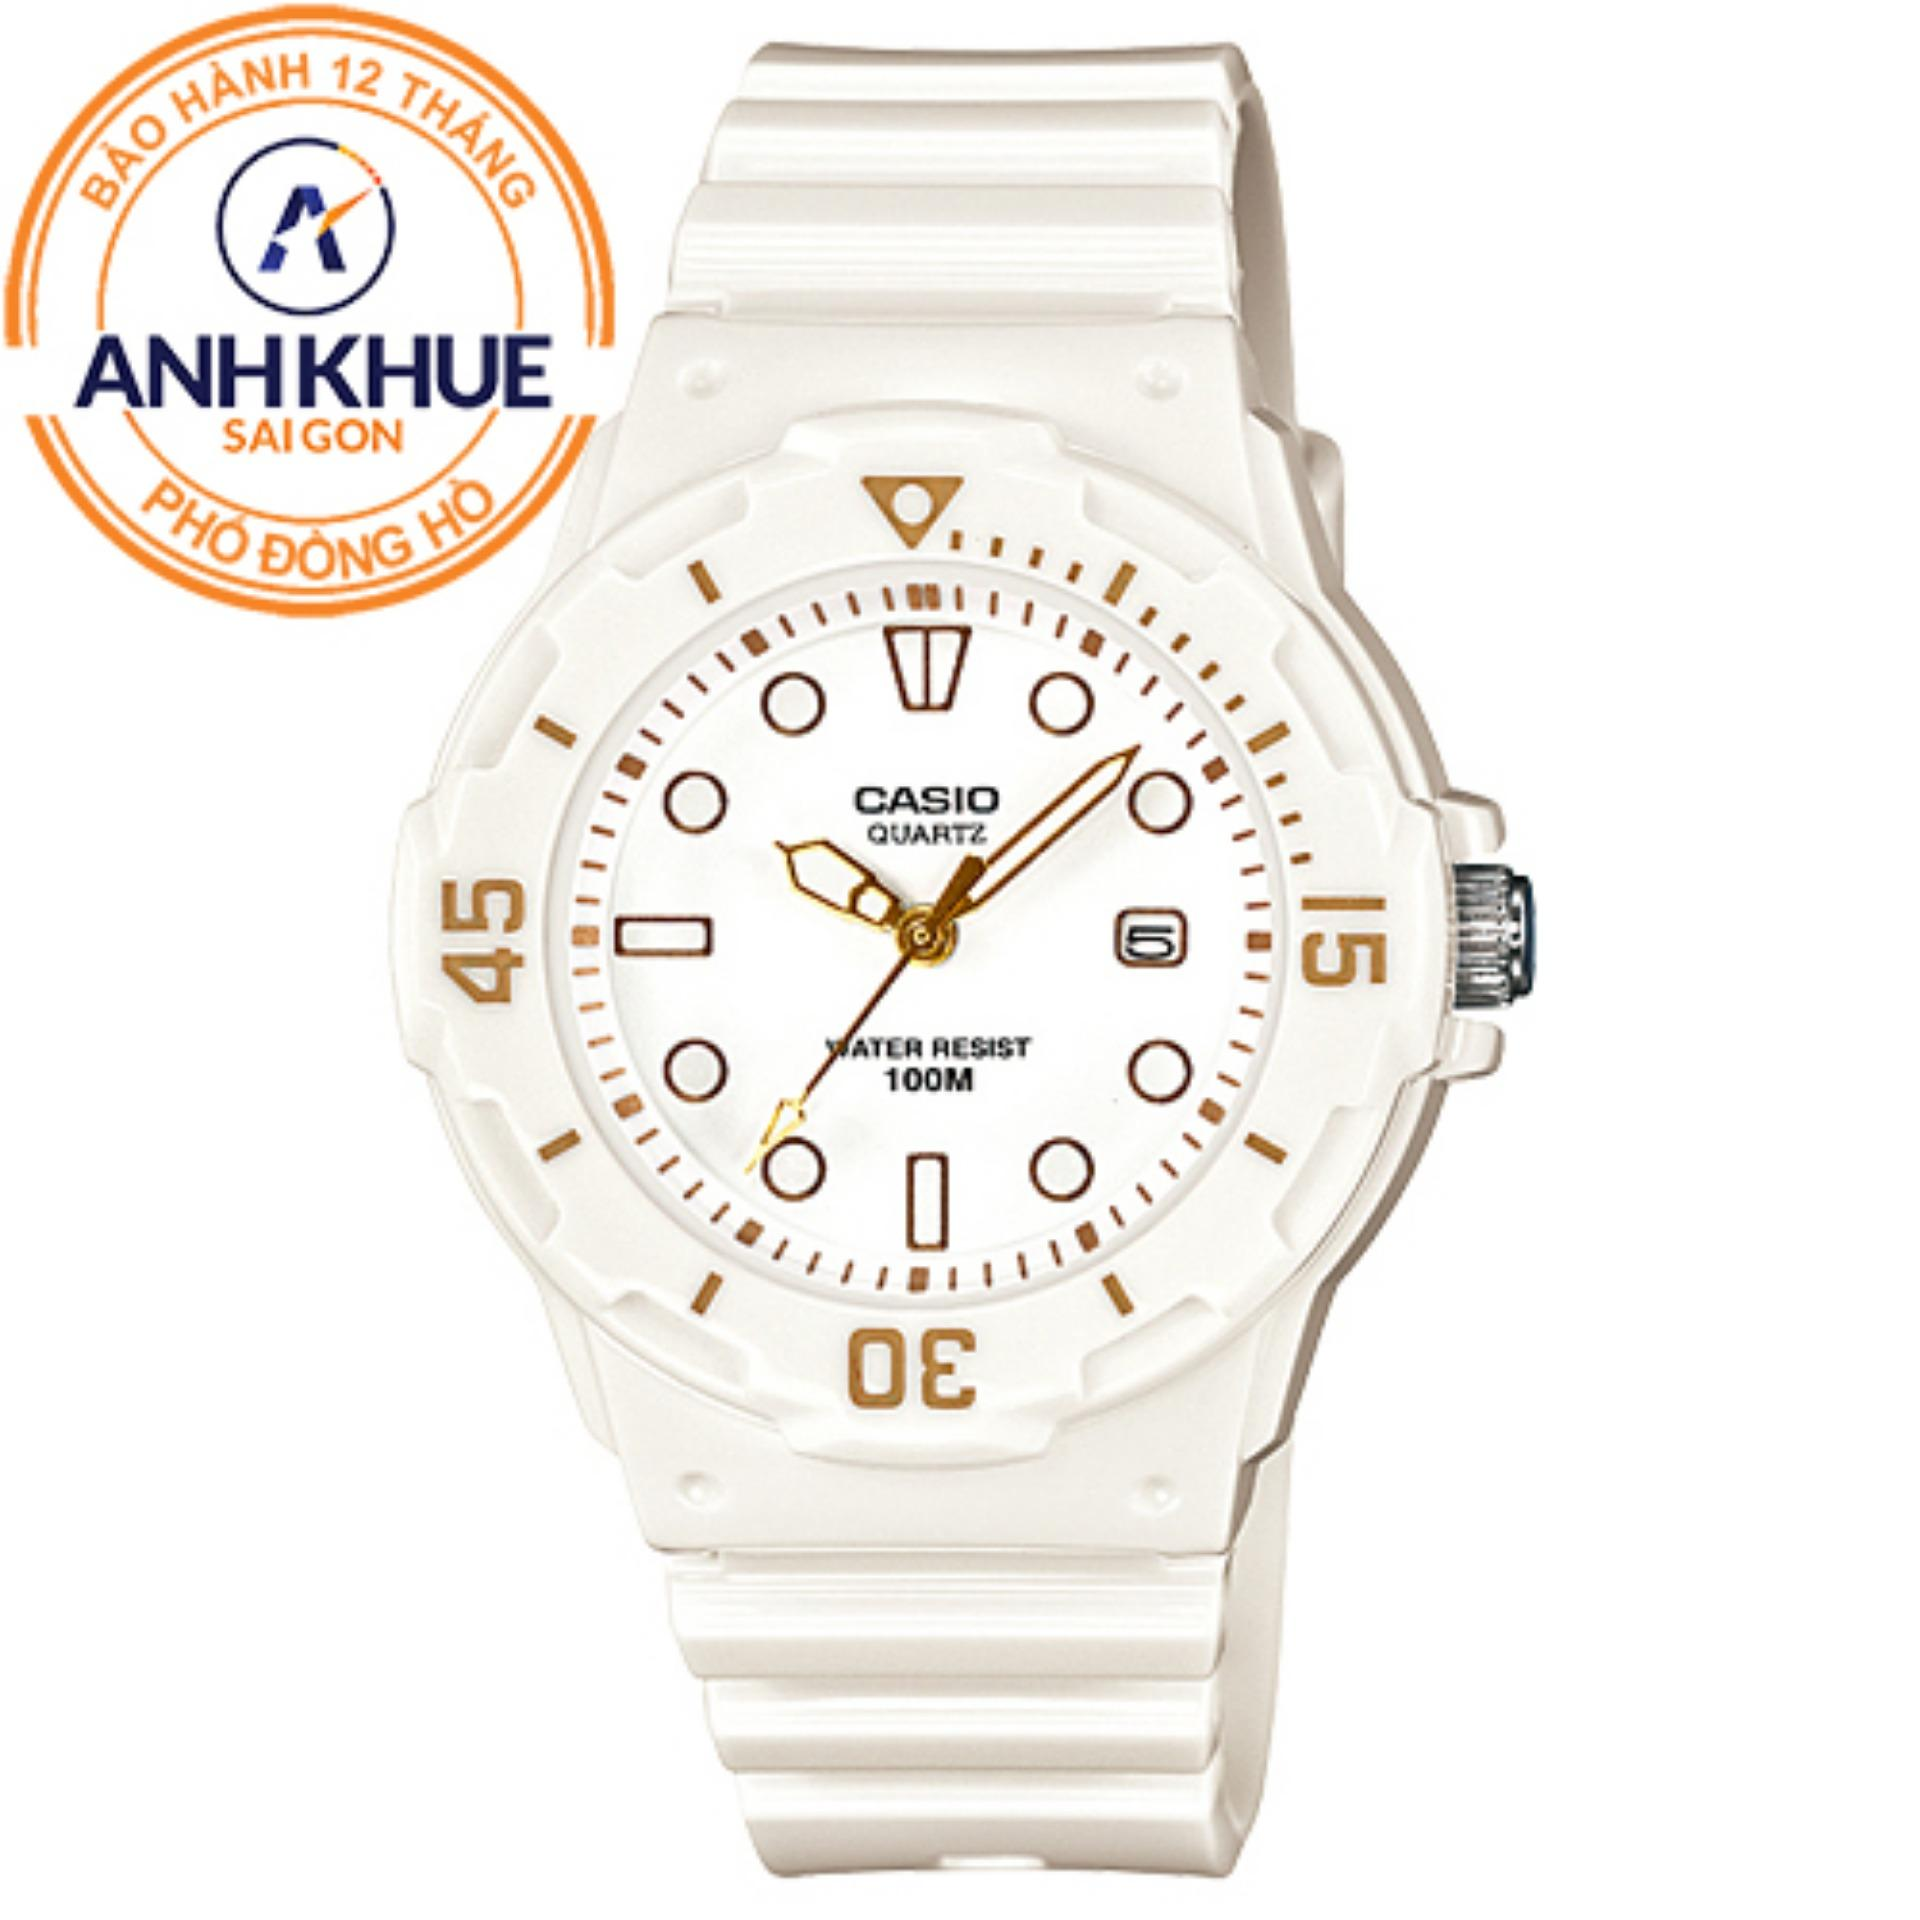 Đồng hồ nữ dây nhựa Casio Anh Khuê LRW-200H-7E2VDF